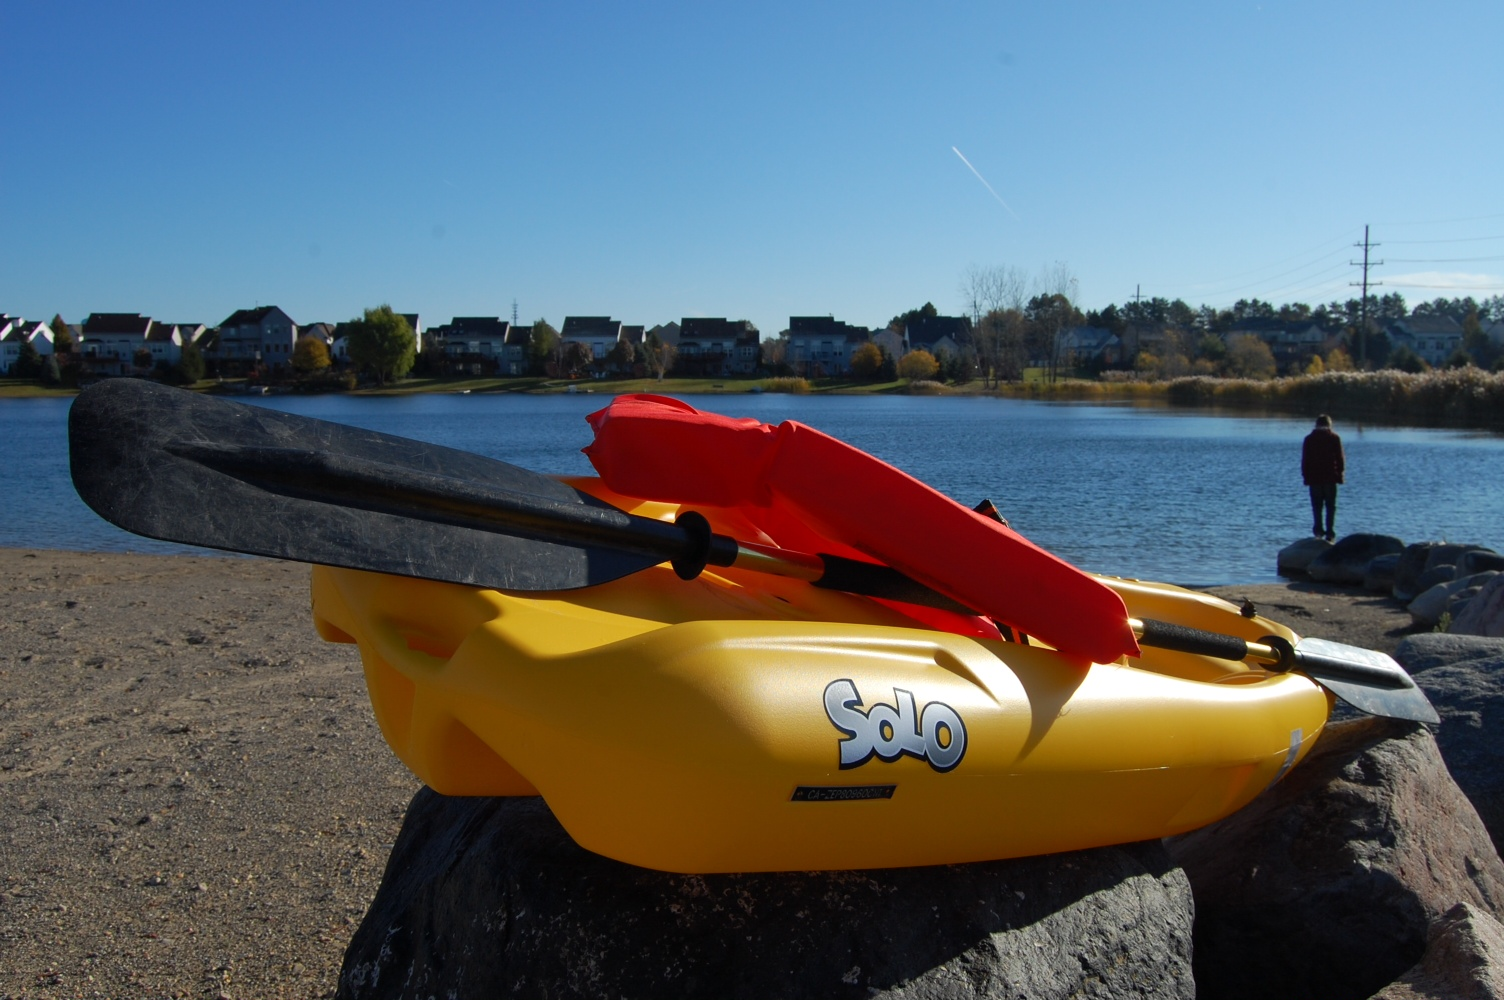 Pelican solo youth kayak outdoorhub for Solo fishing canoe